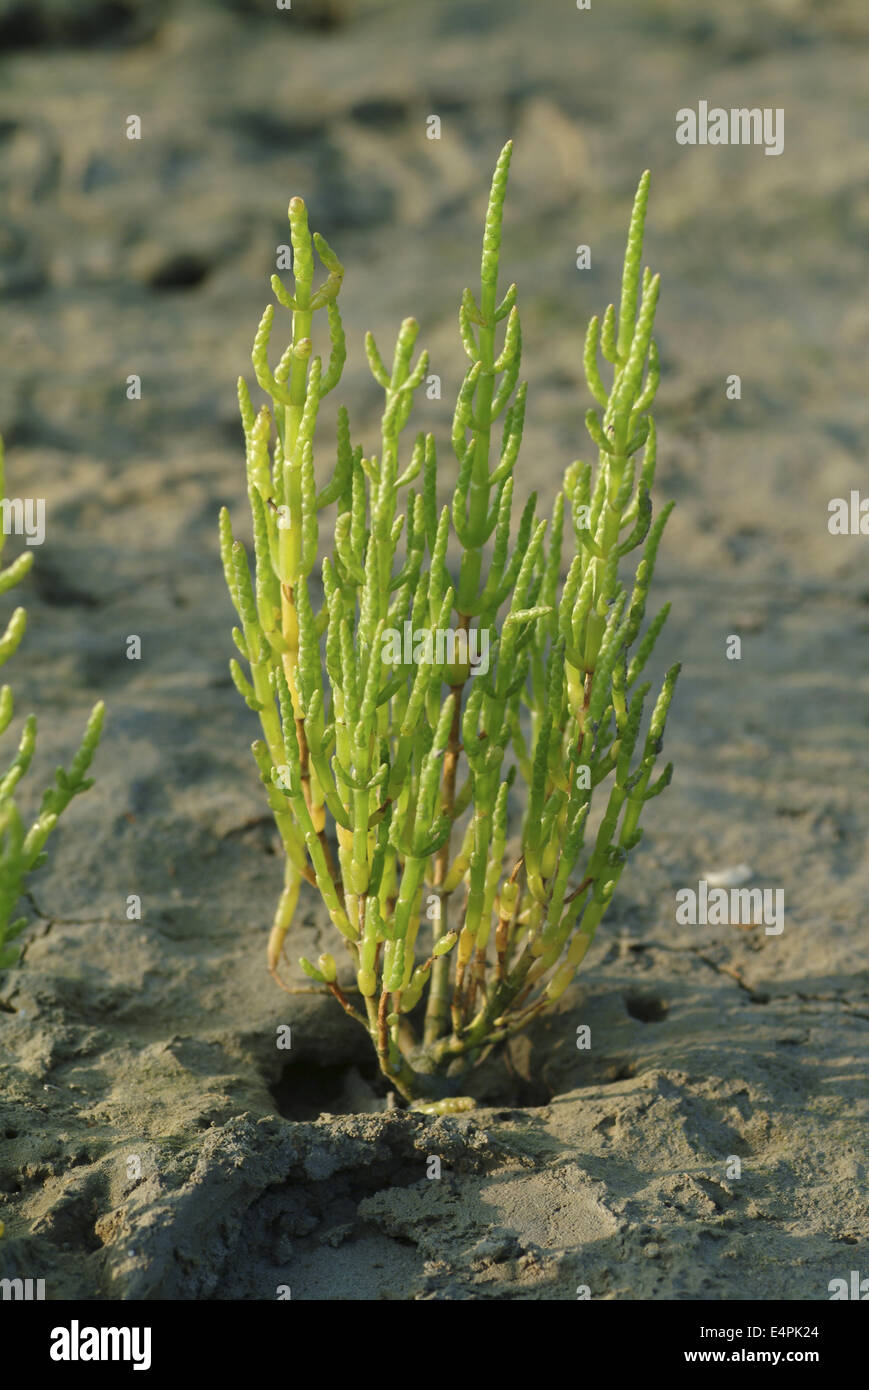 glasswort, salicornia europaea Stock Photo: 71797996